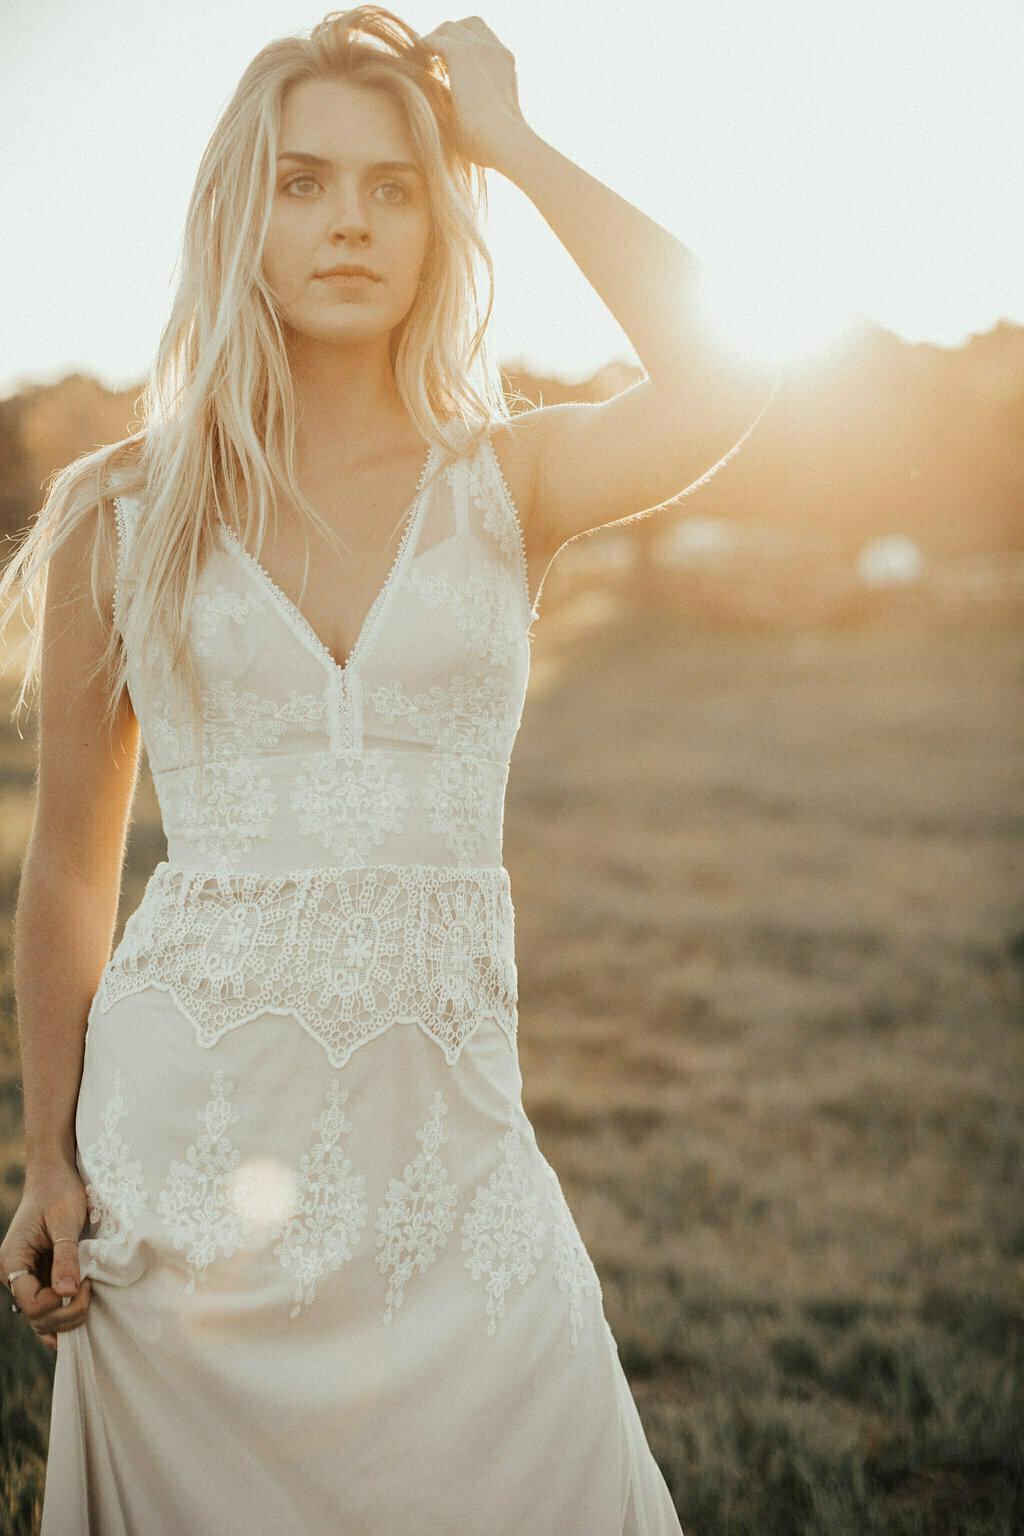 antis-simple-wedding-dress-for-the-boho-bride